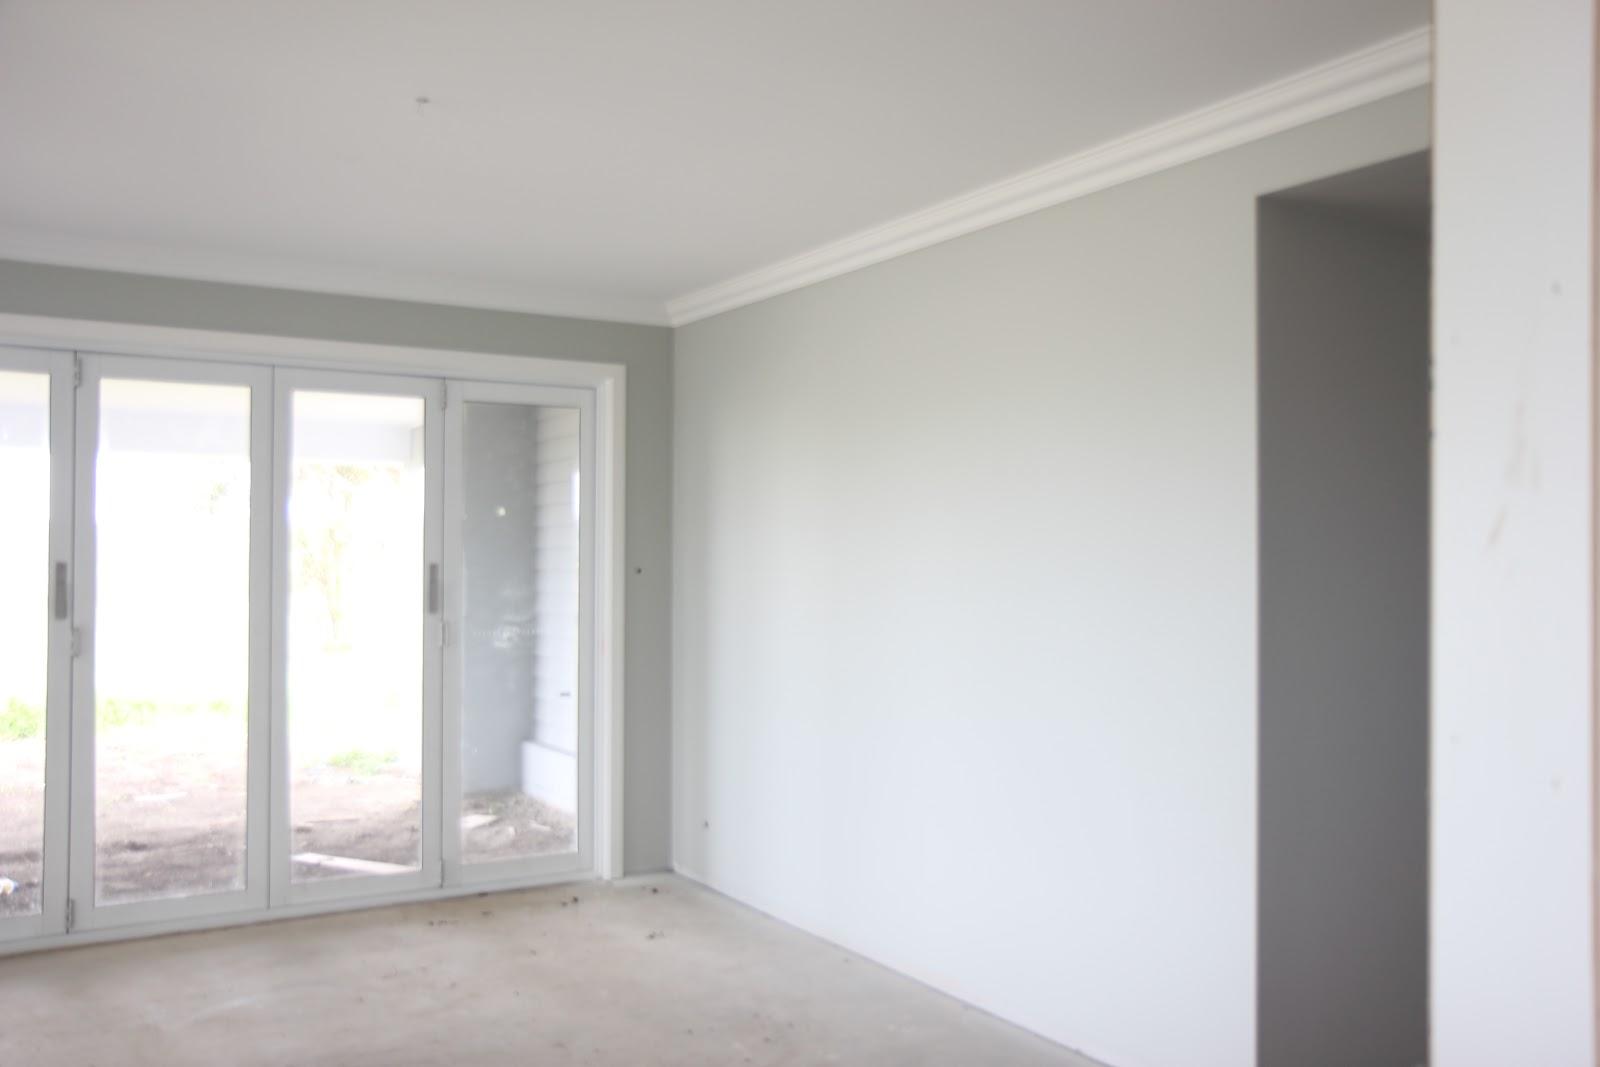 Dulux Paint Color Guest House Grey